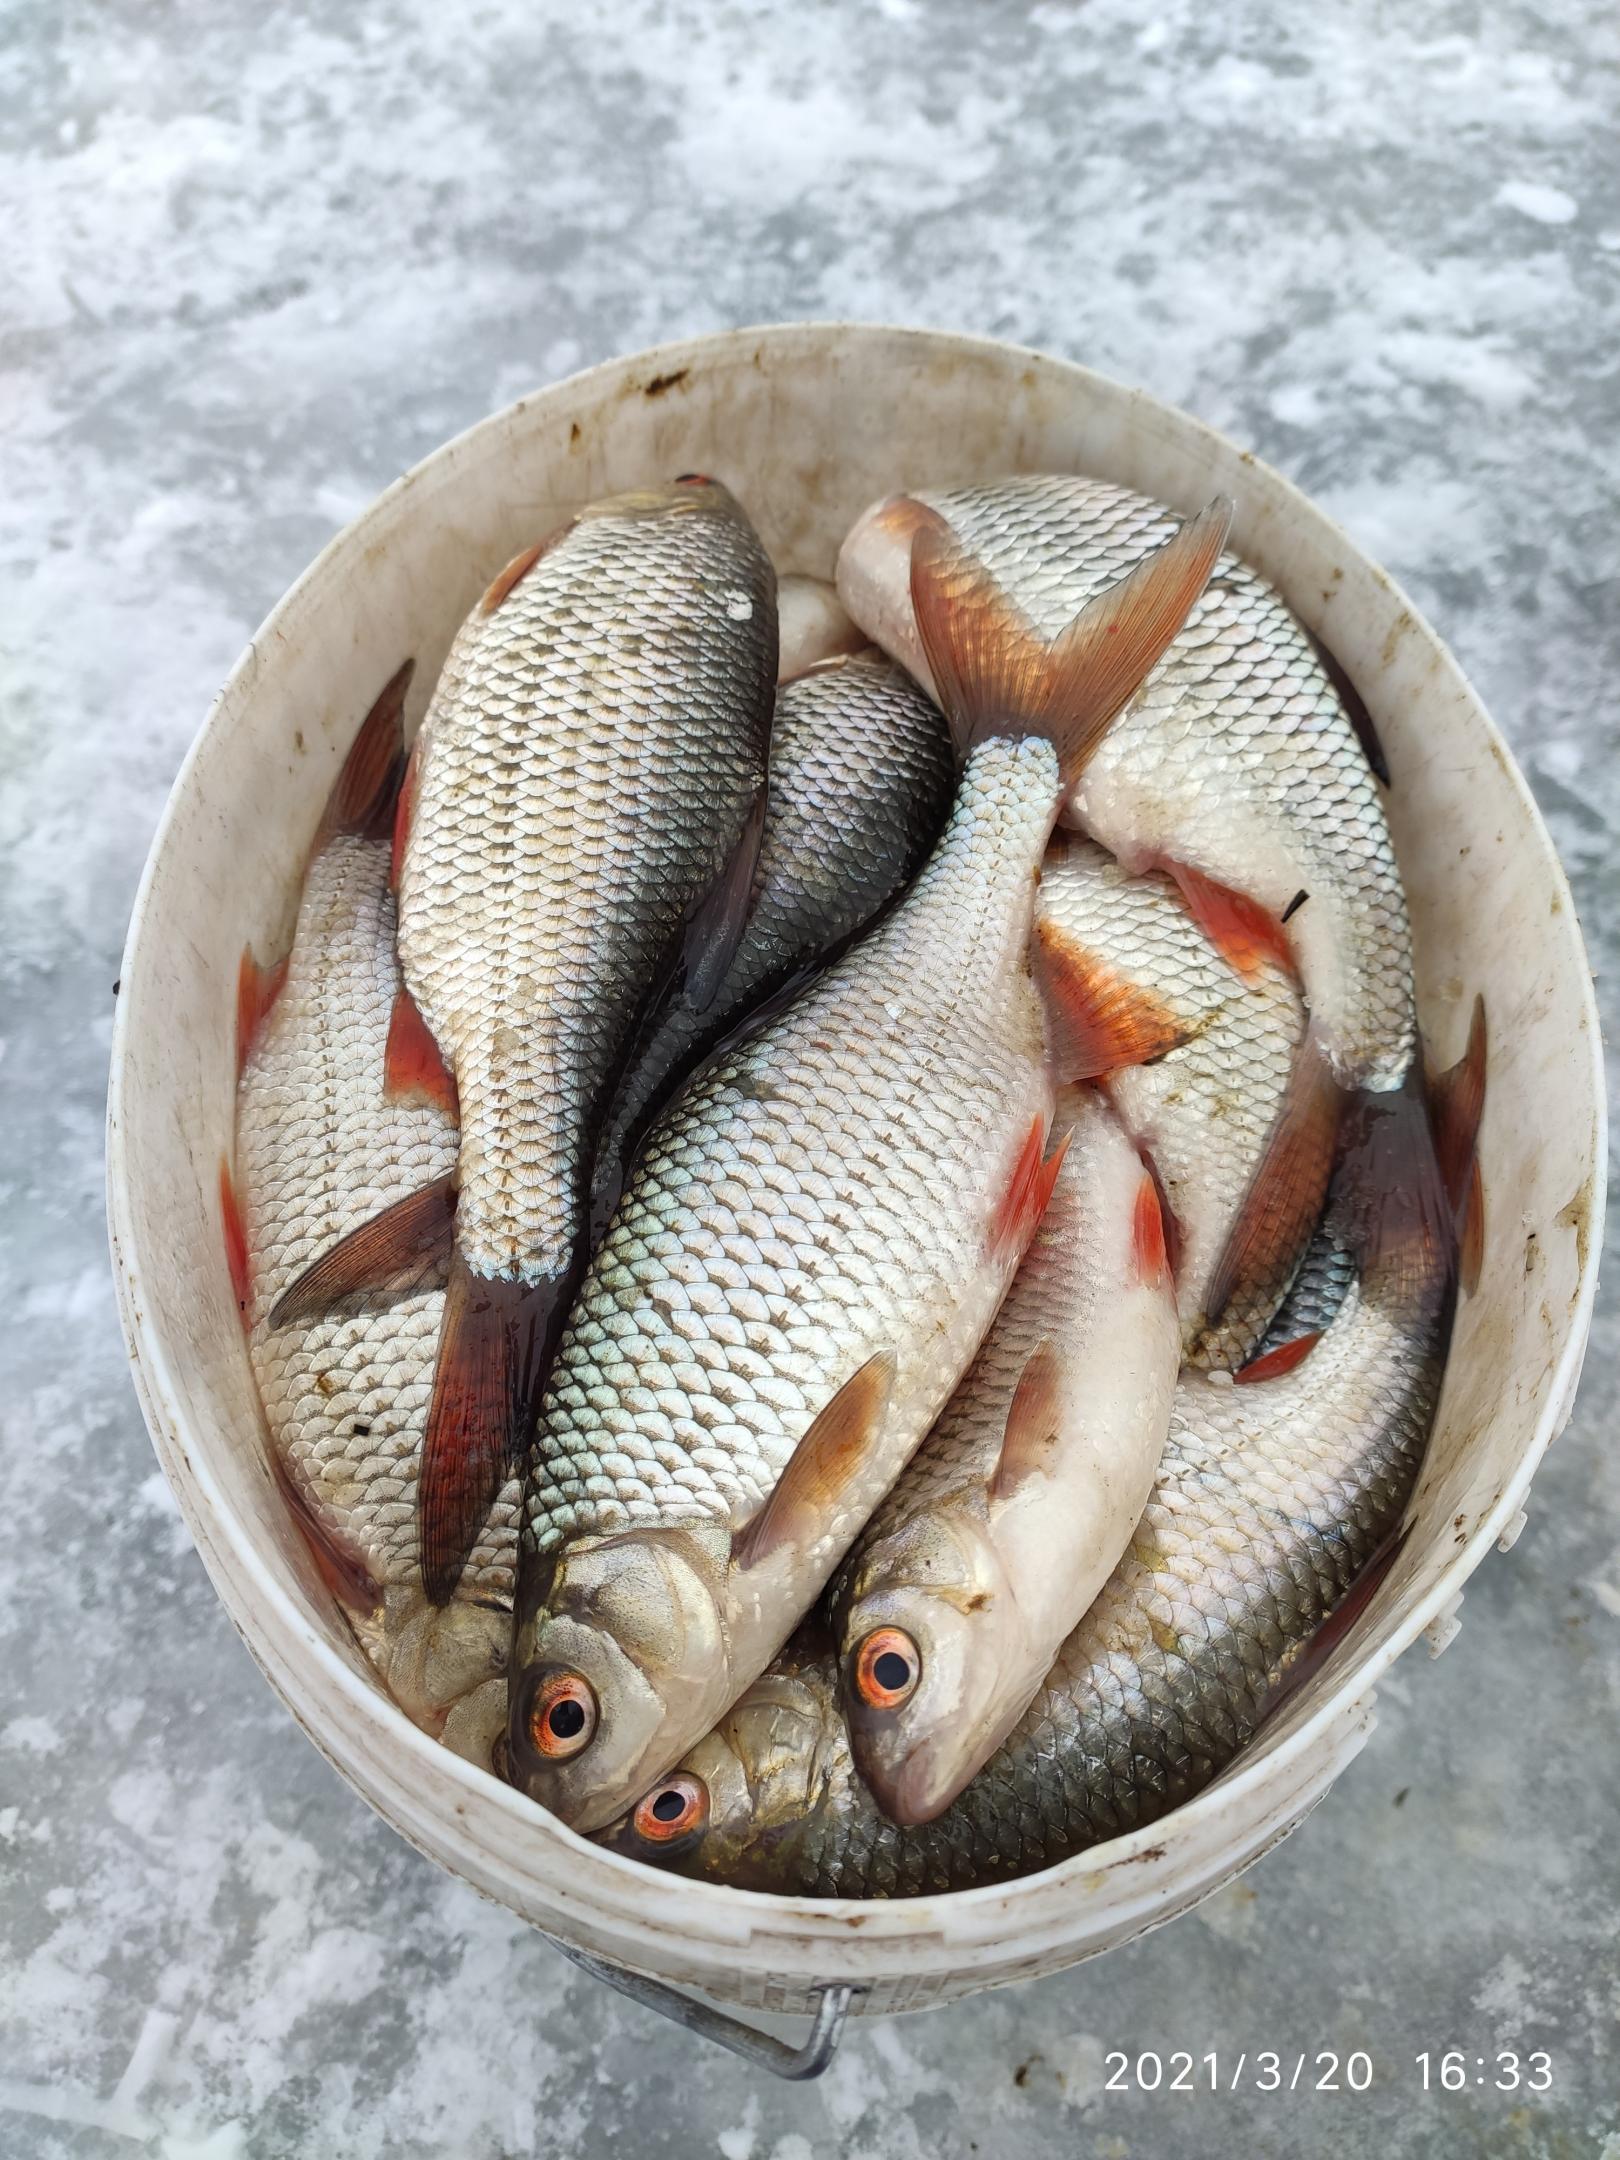 Тоже по плану был сегодня Ратомский залив с ...   Отчеты о рыбалке в Беларуси